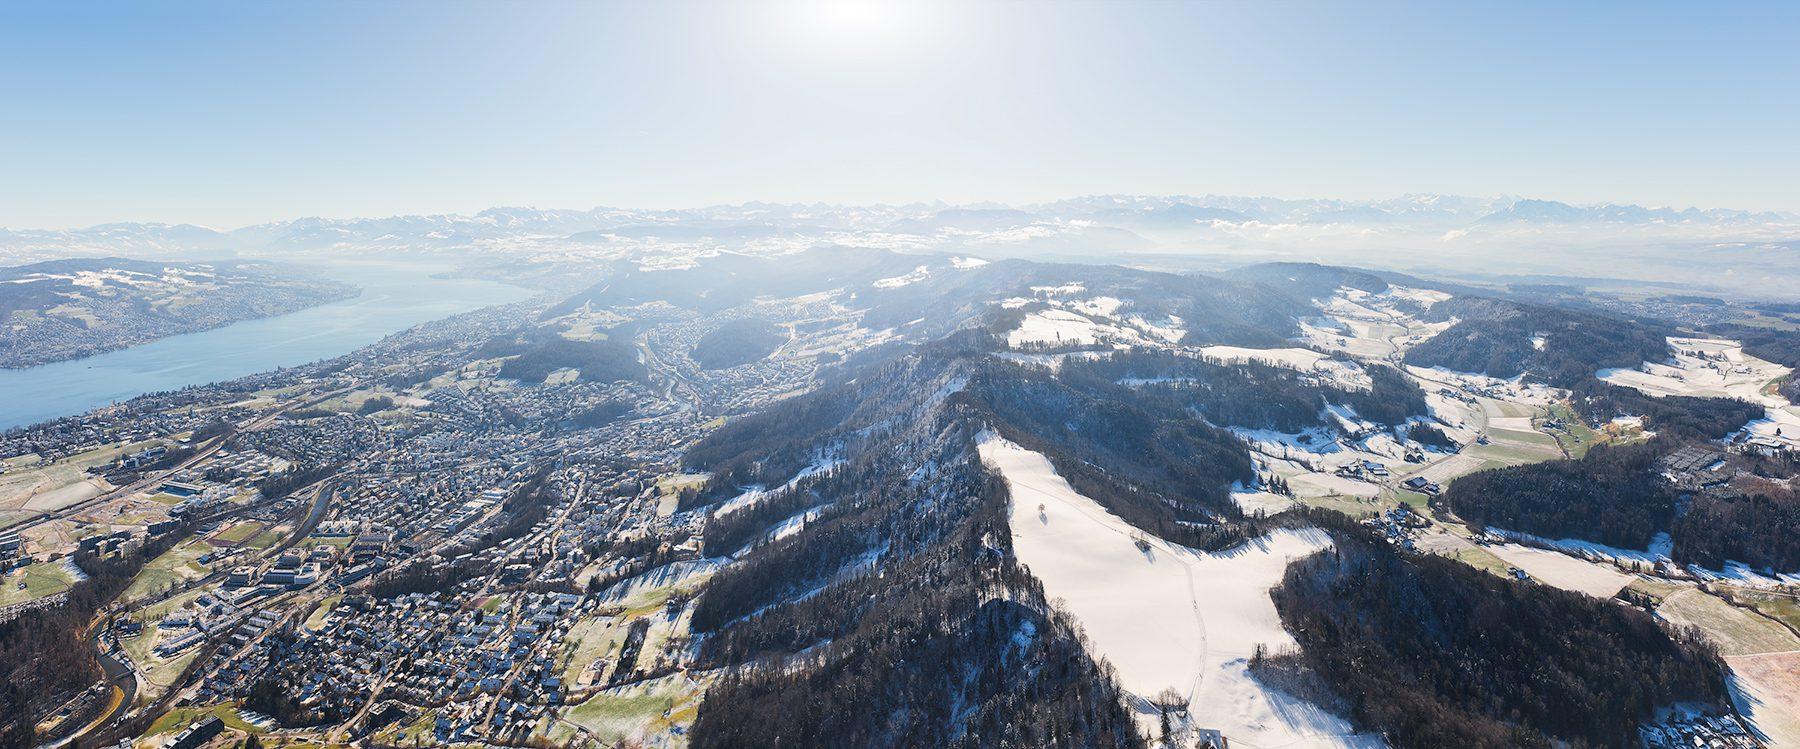 Winterliche Luftaufnahme mit Helikopter hoch über Adliswil mit Sicht auf den Zürichsee, Horgen, Wädenswil, Schwyz, Glarneralpen, Kanton Zug, Innerschwyz